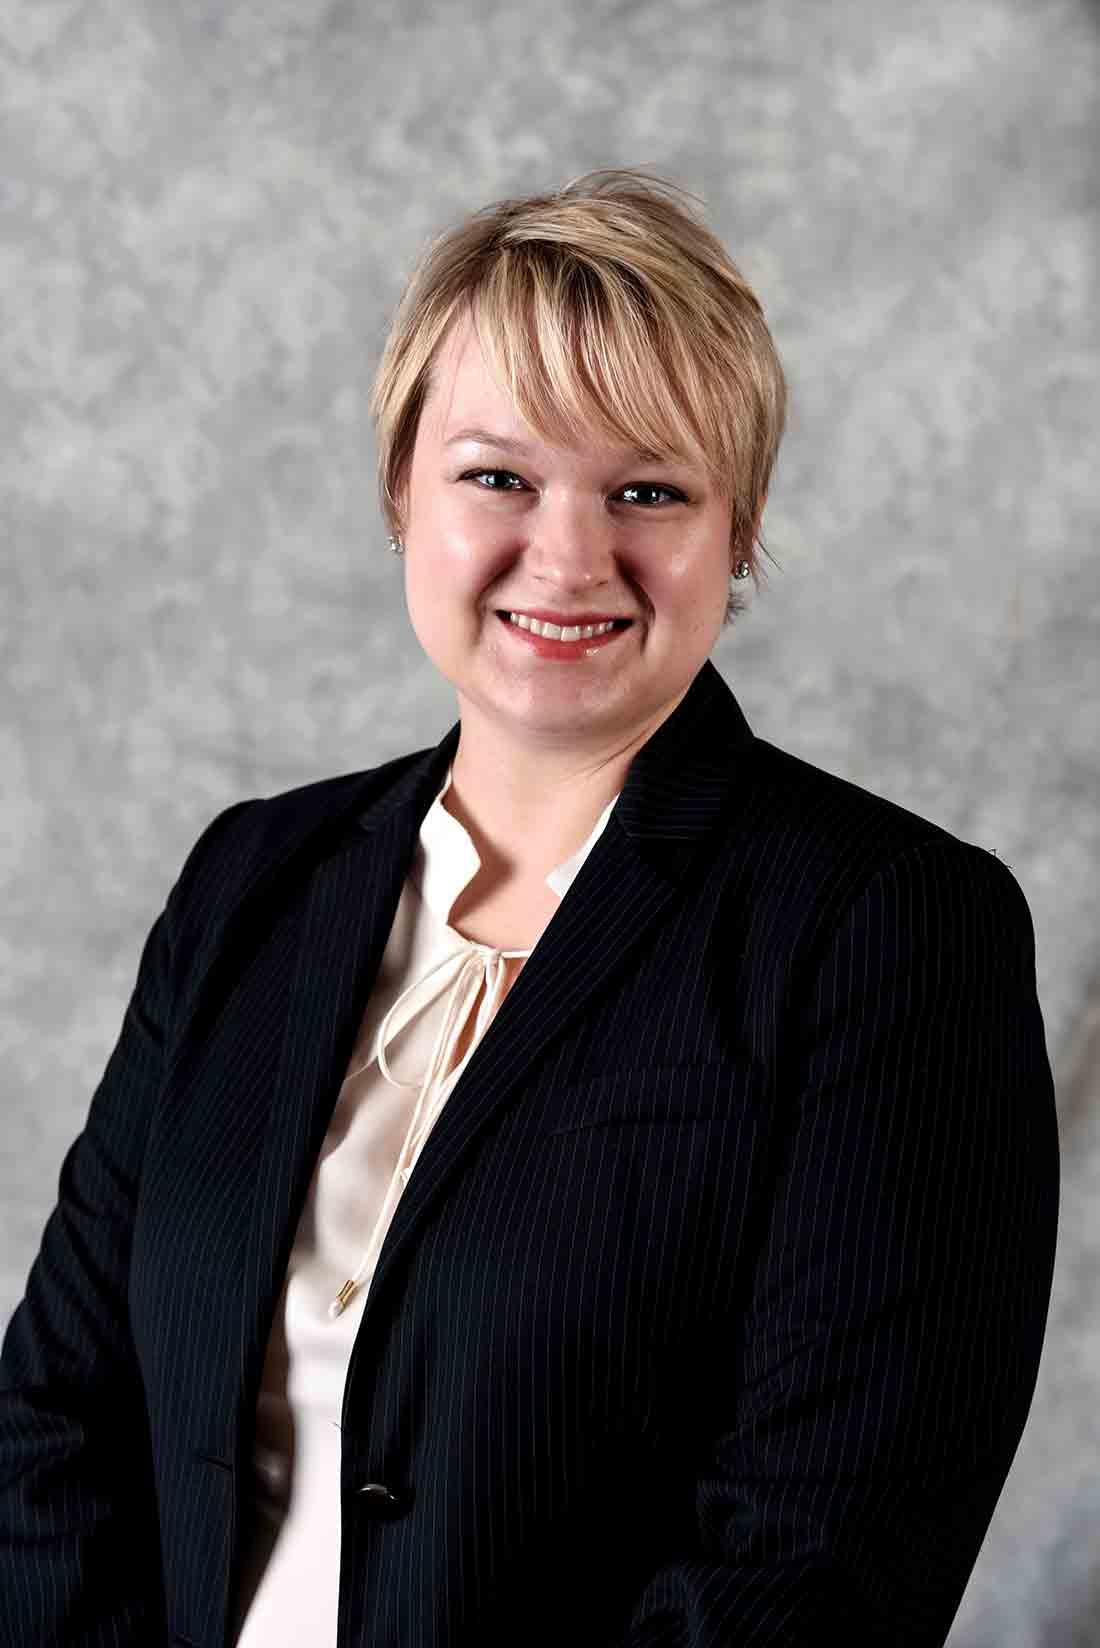 Krista Vanlandingham, CFSP : Managing Director/Funeral Director